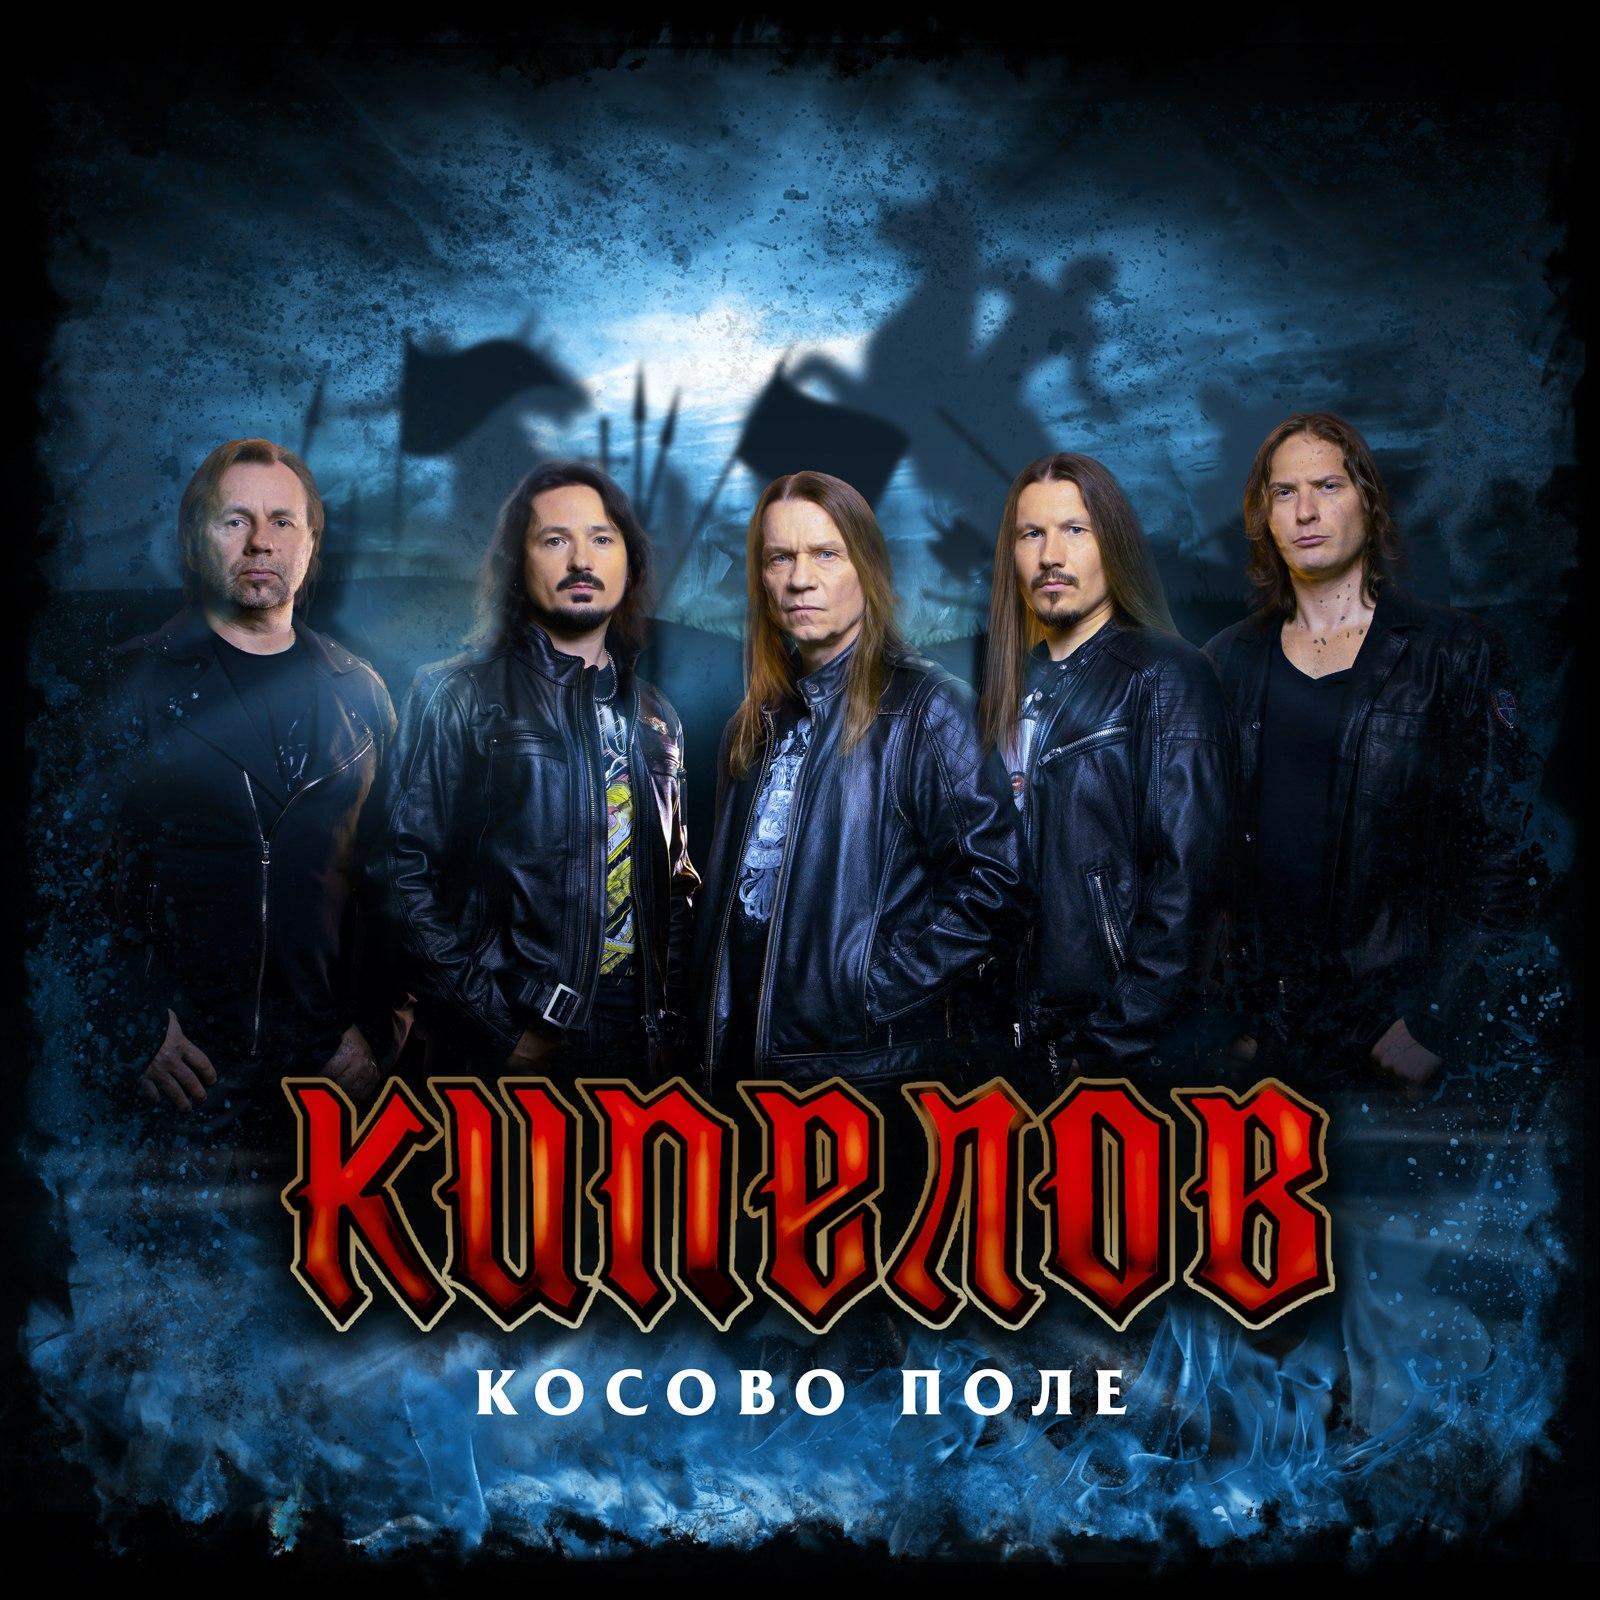 Группа Кипелов представила сингл о битве на Косовом Поле